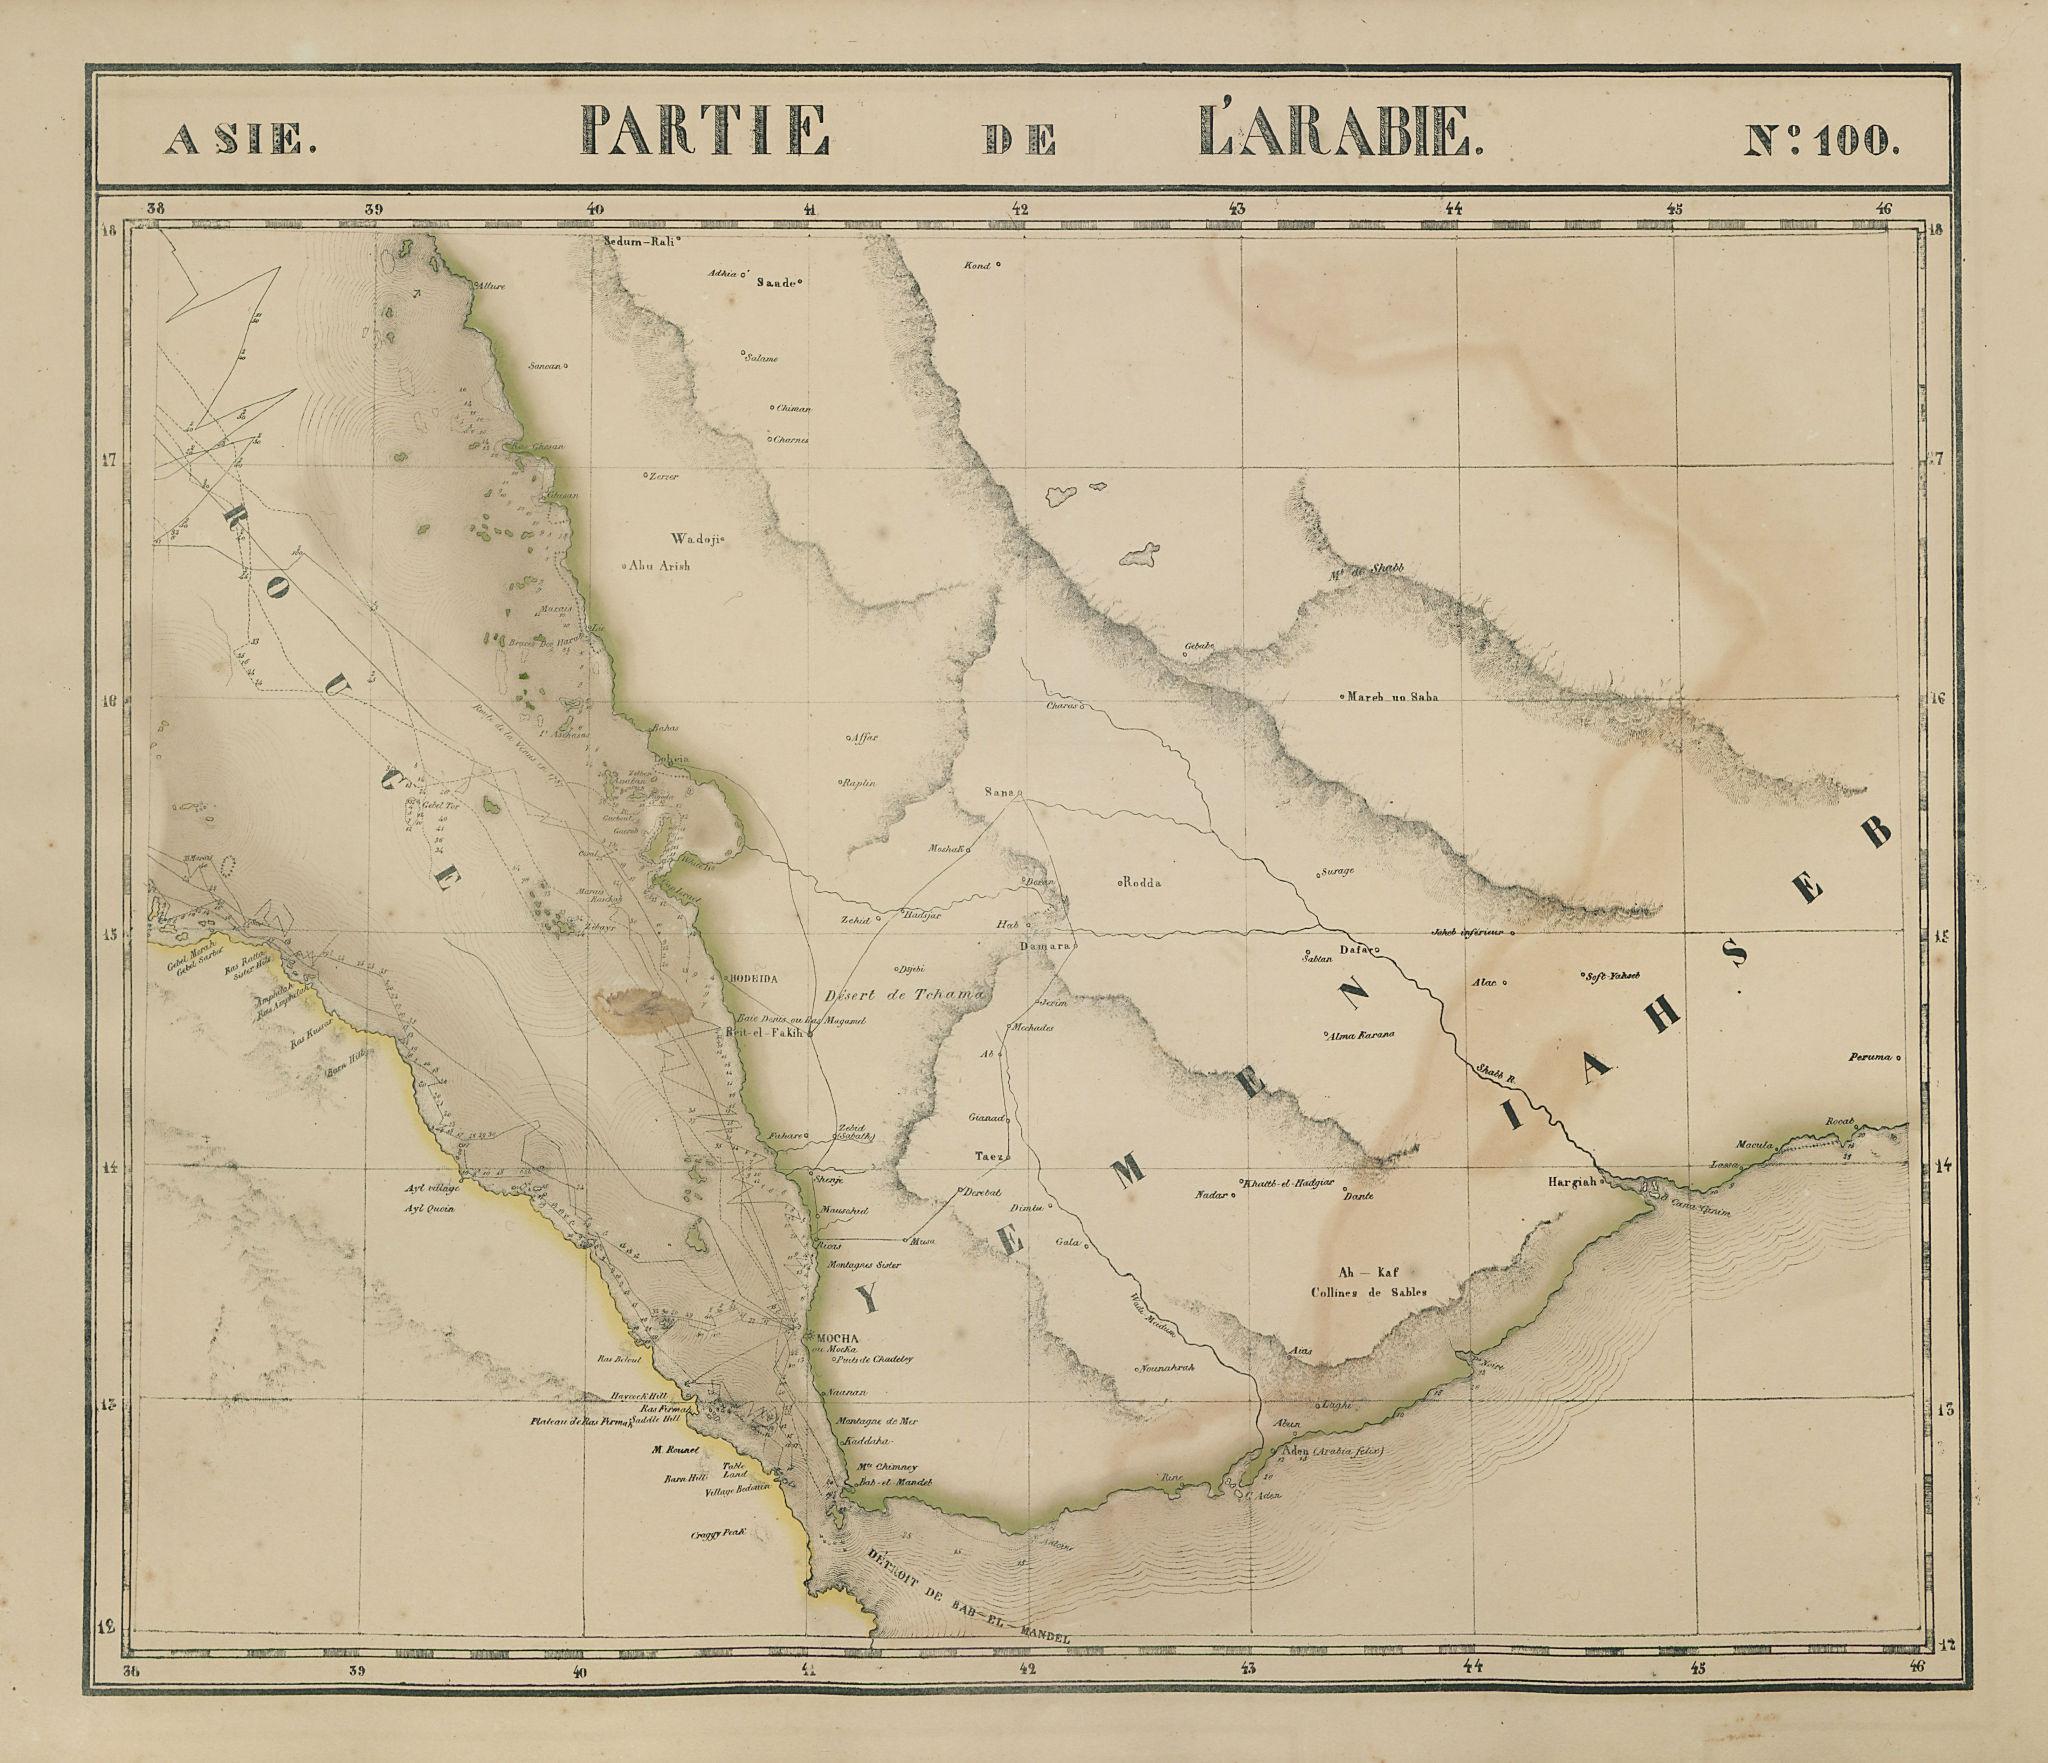 Asie. Arabie #100 Yemen Djibouti Eritrea Saudi Arabia VANDERMAELEN 1827 map